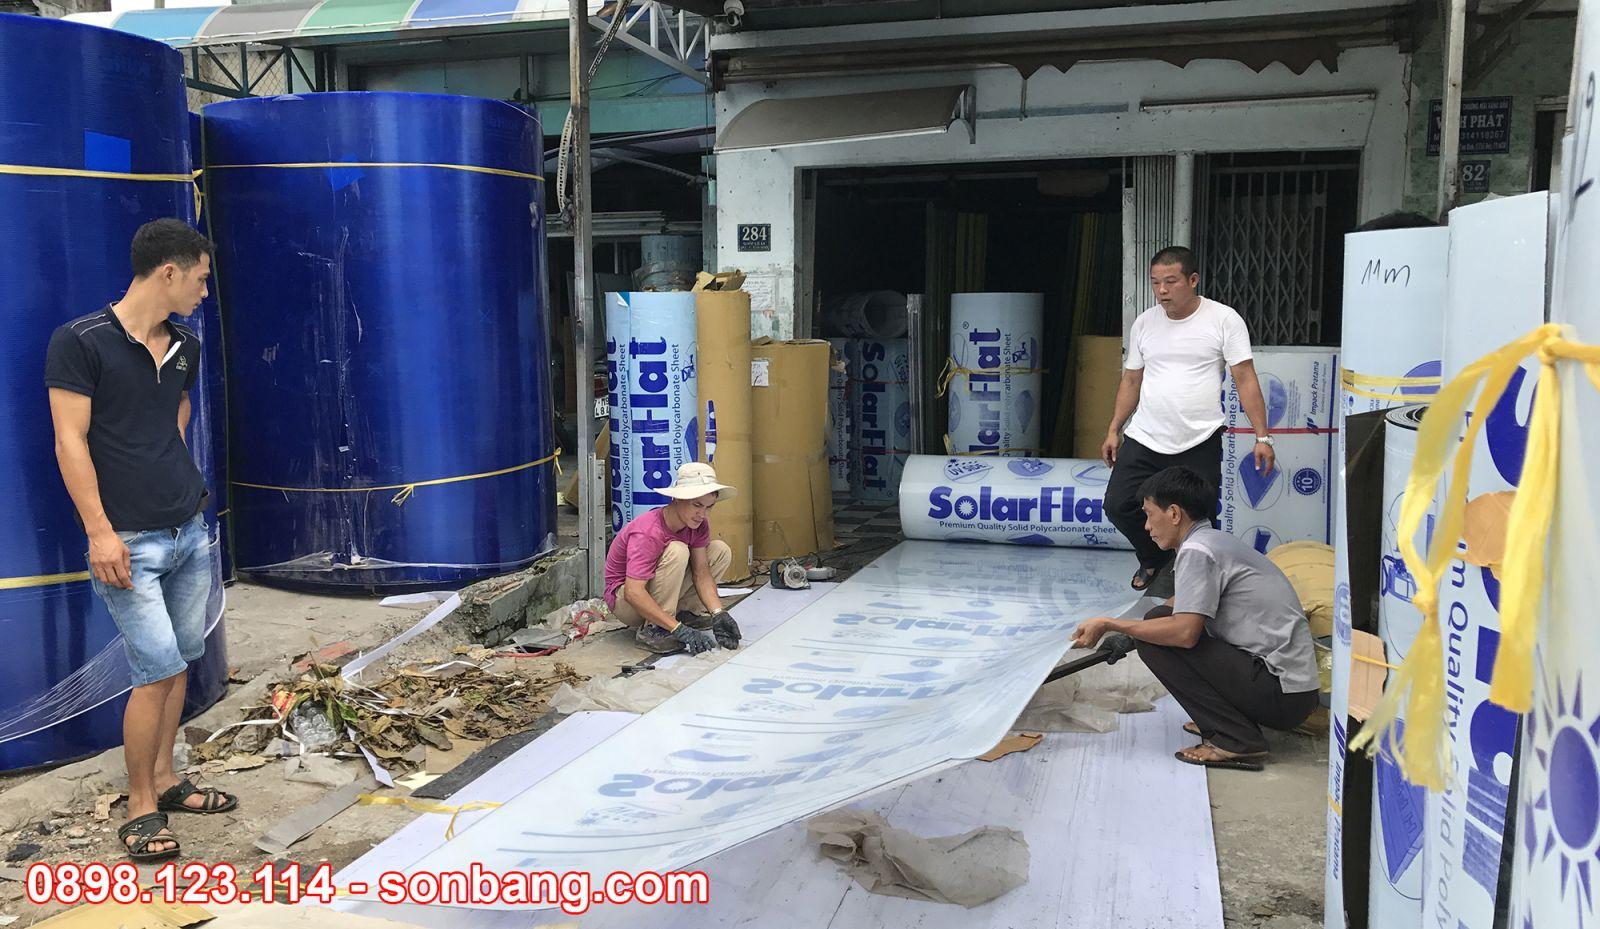 nhân viên sơn băng đang cắt tấm poly